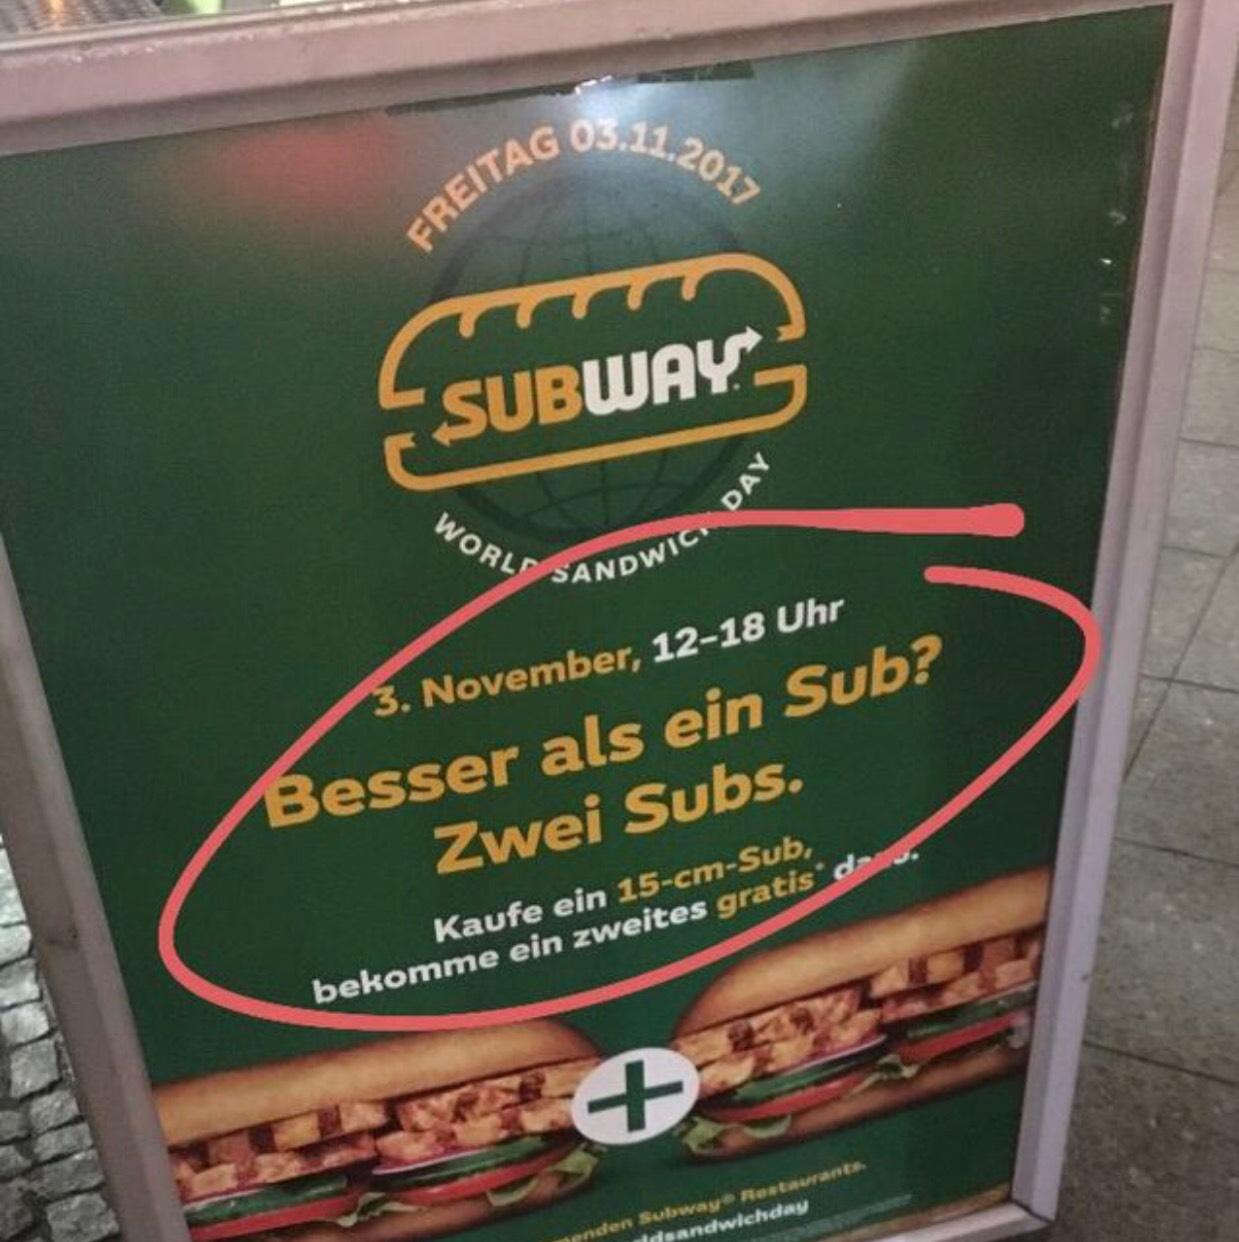 Subway world sandwich Tag 30cm sub zum Preis von 15cm